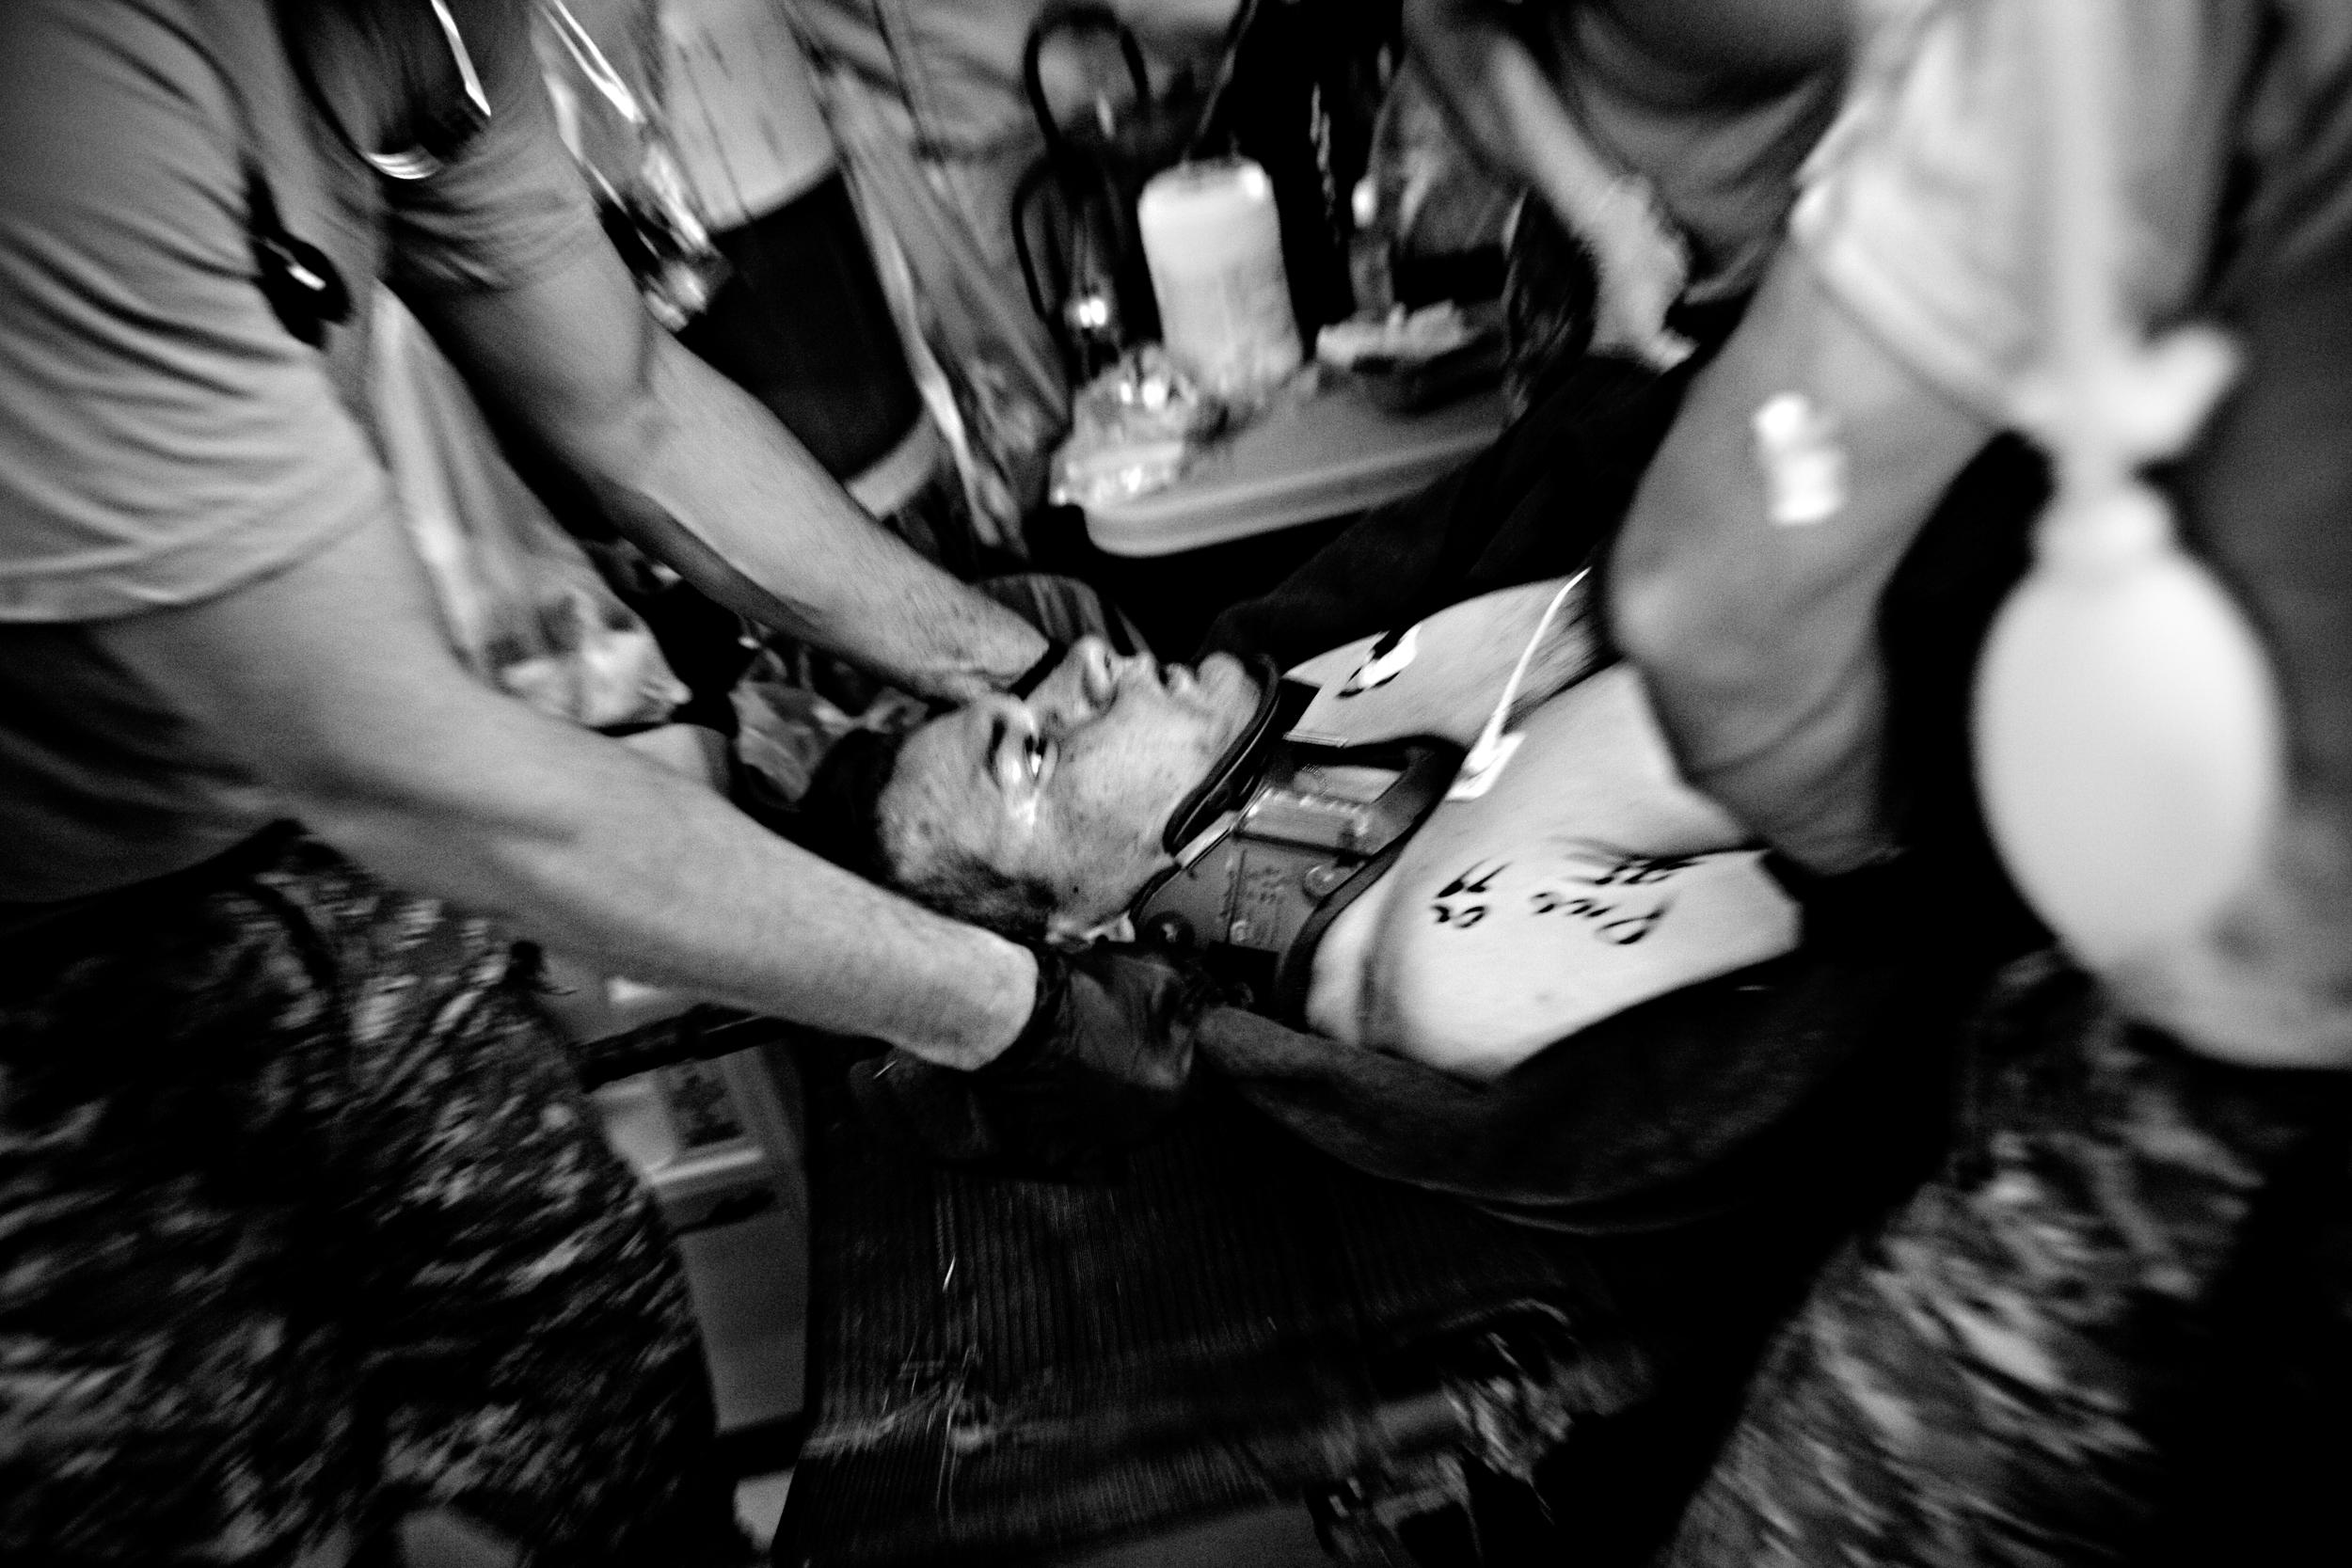 Afghanistan-ER-2009-Trieb-10.jpg